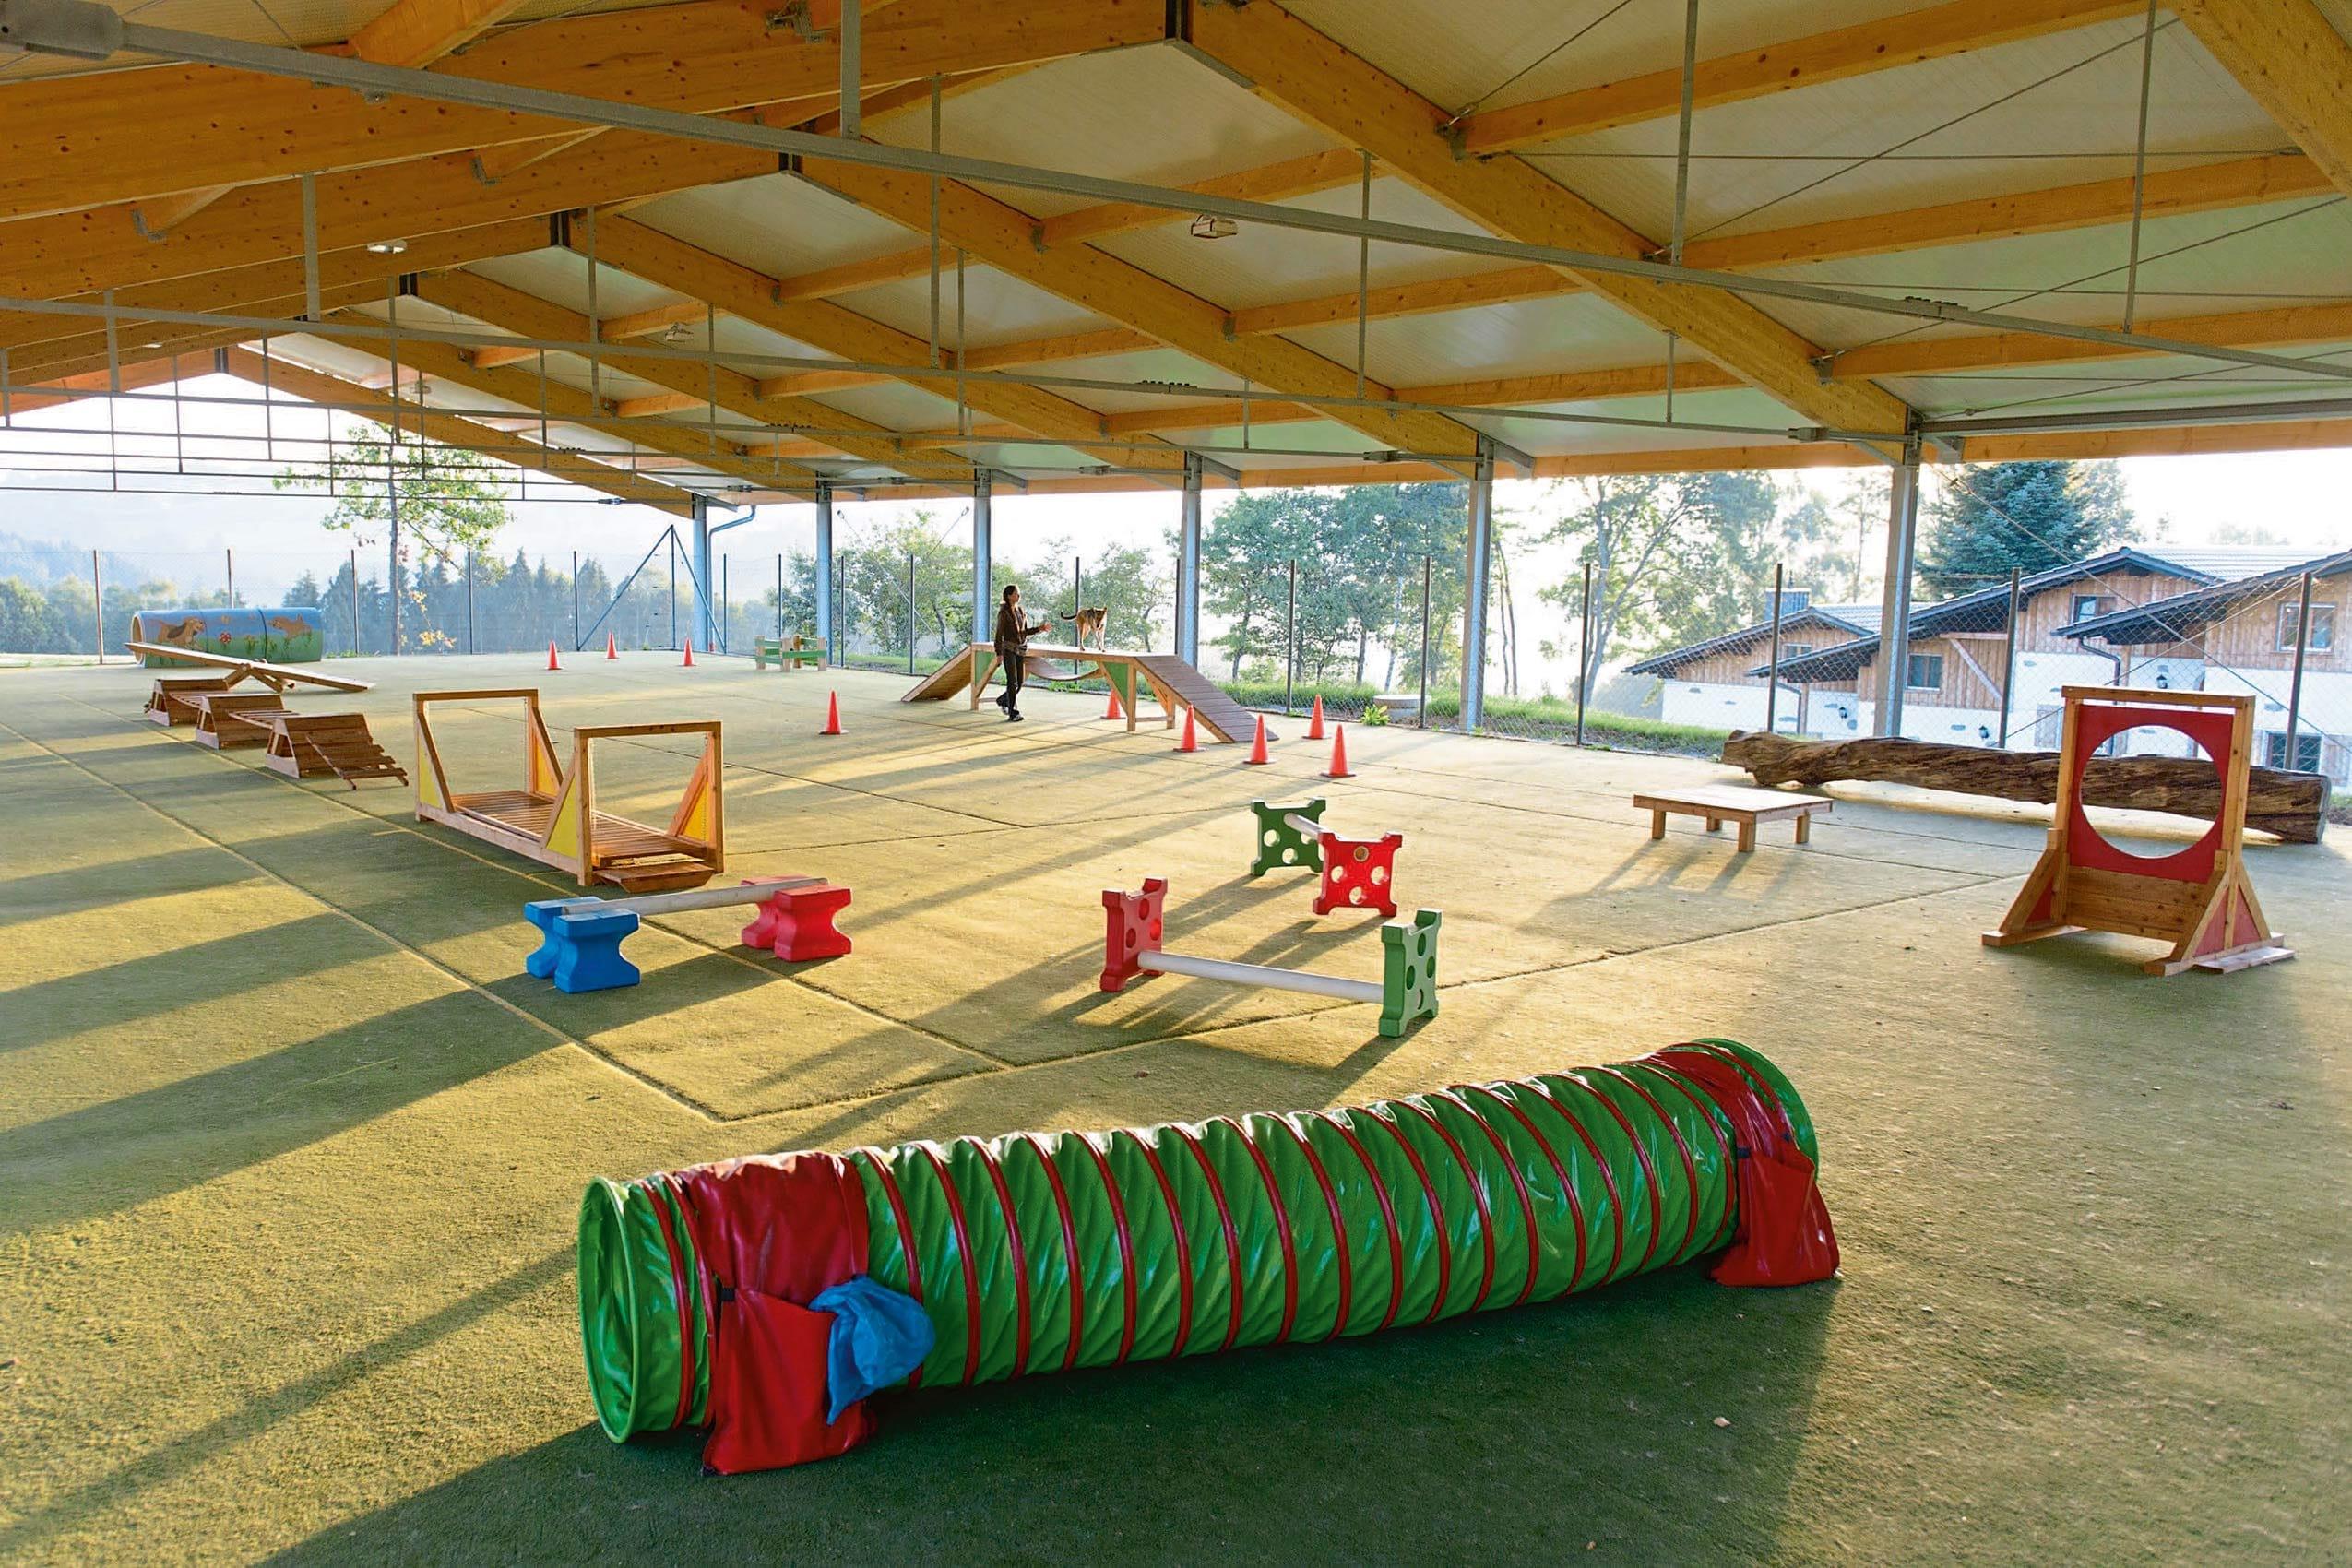 Das Gutshotel Feuerschwendt verfügt über einen großen, überdachten Hundetrainingsplatz, auf dem sich die Vierbeiner austoben können und auf dem regelmäßig Kurse stattfinden.